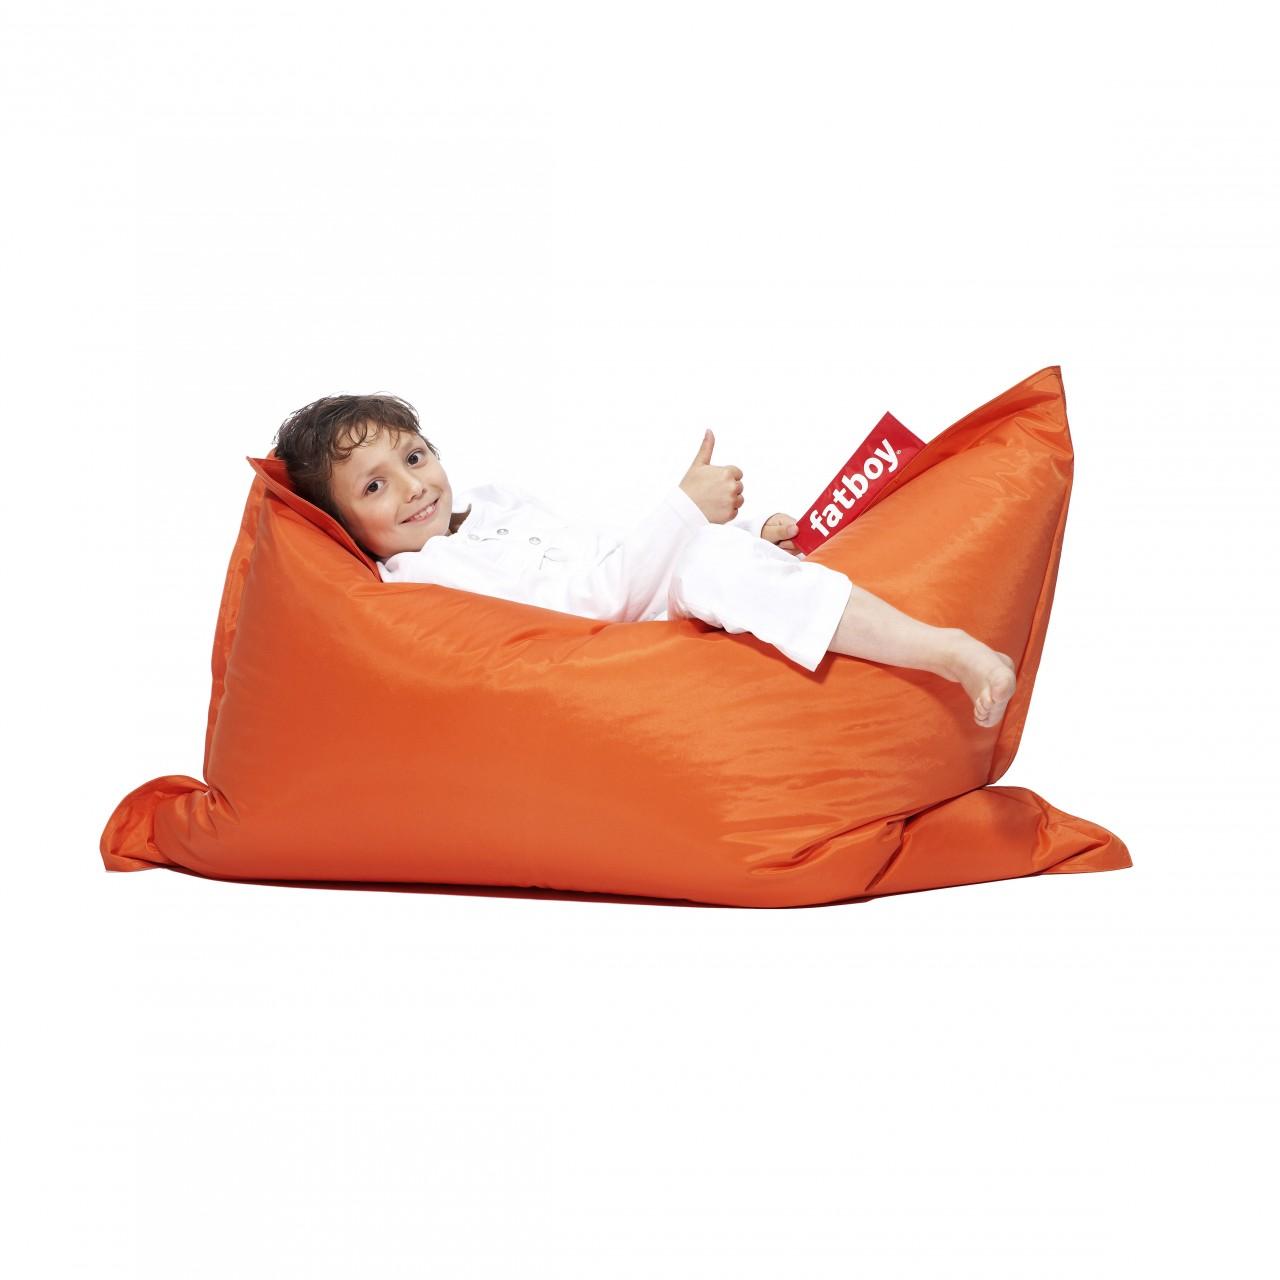 Fatboy Sitzsack Für Kinder The Junior Orange Pigmento Kunst